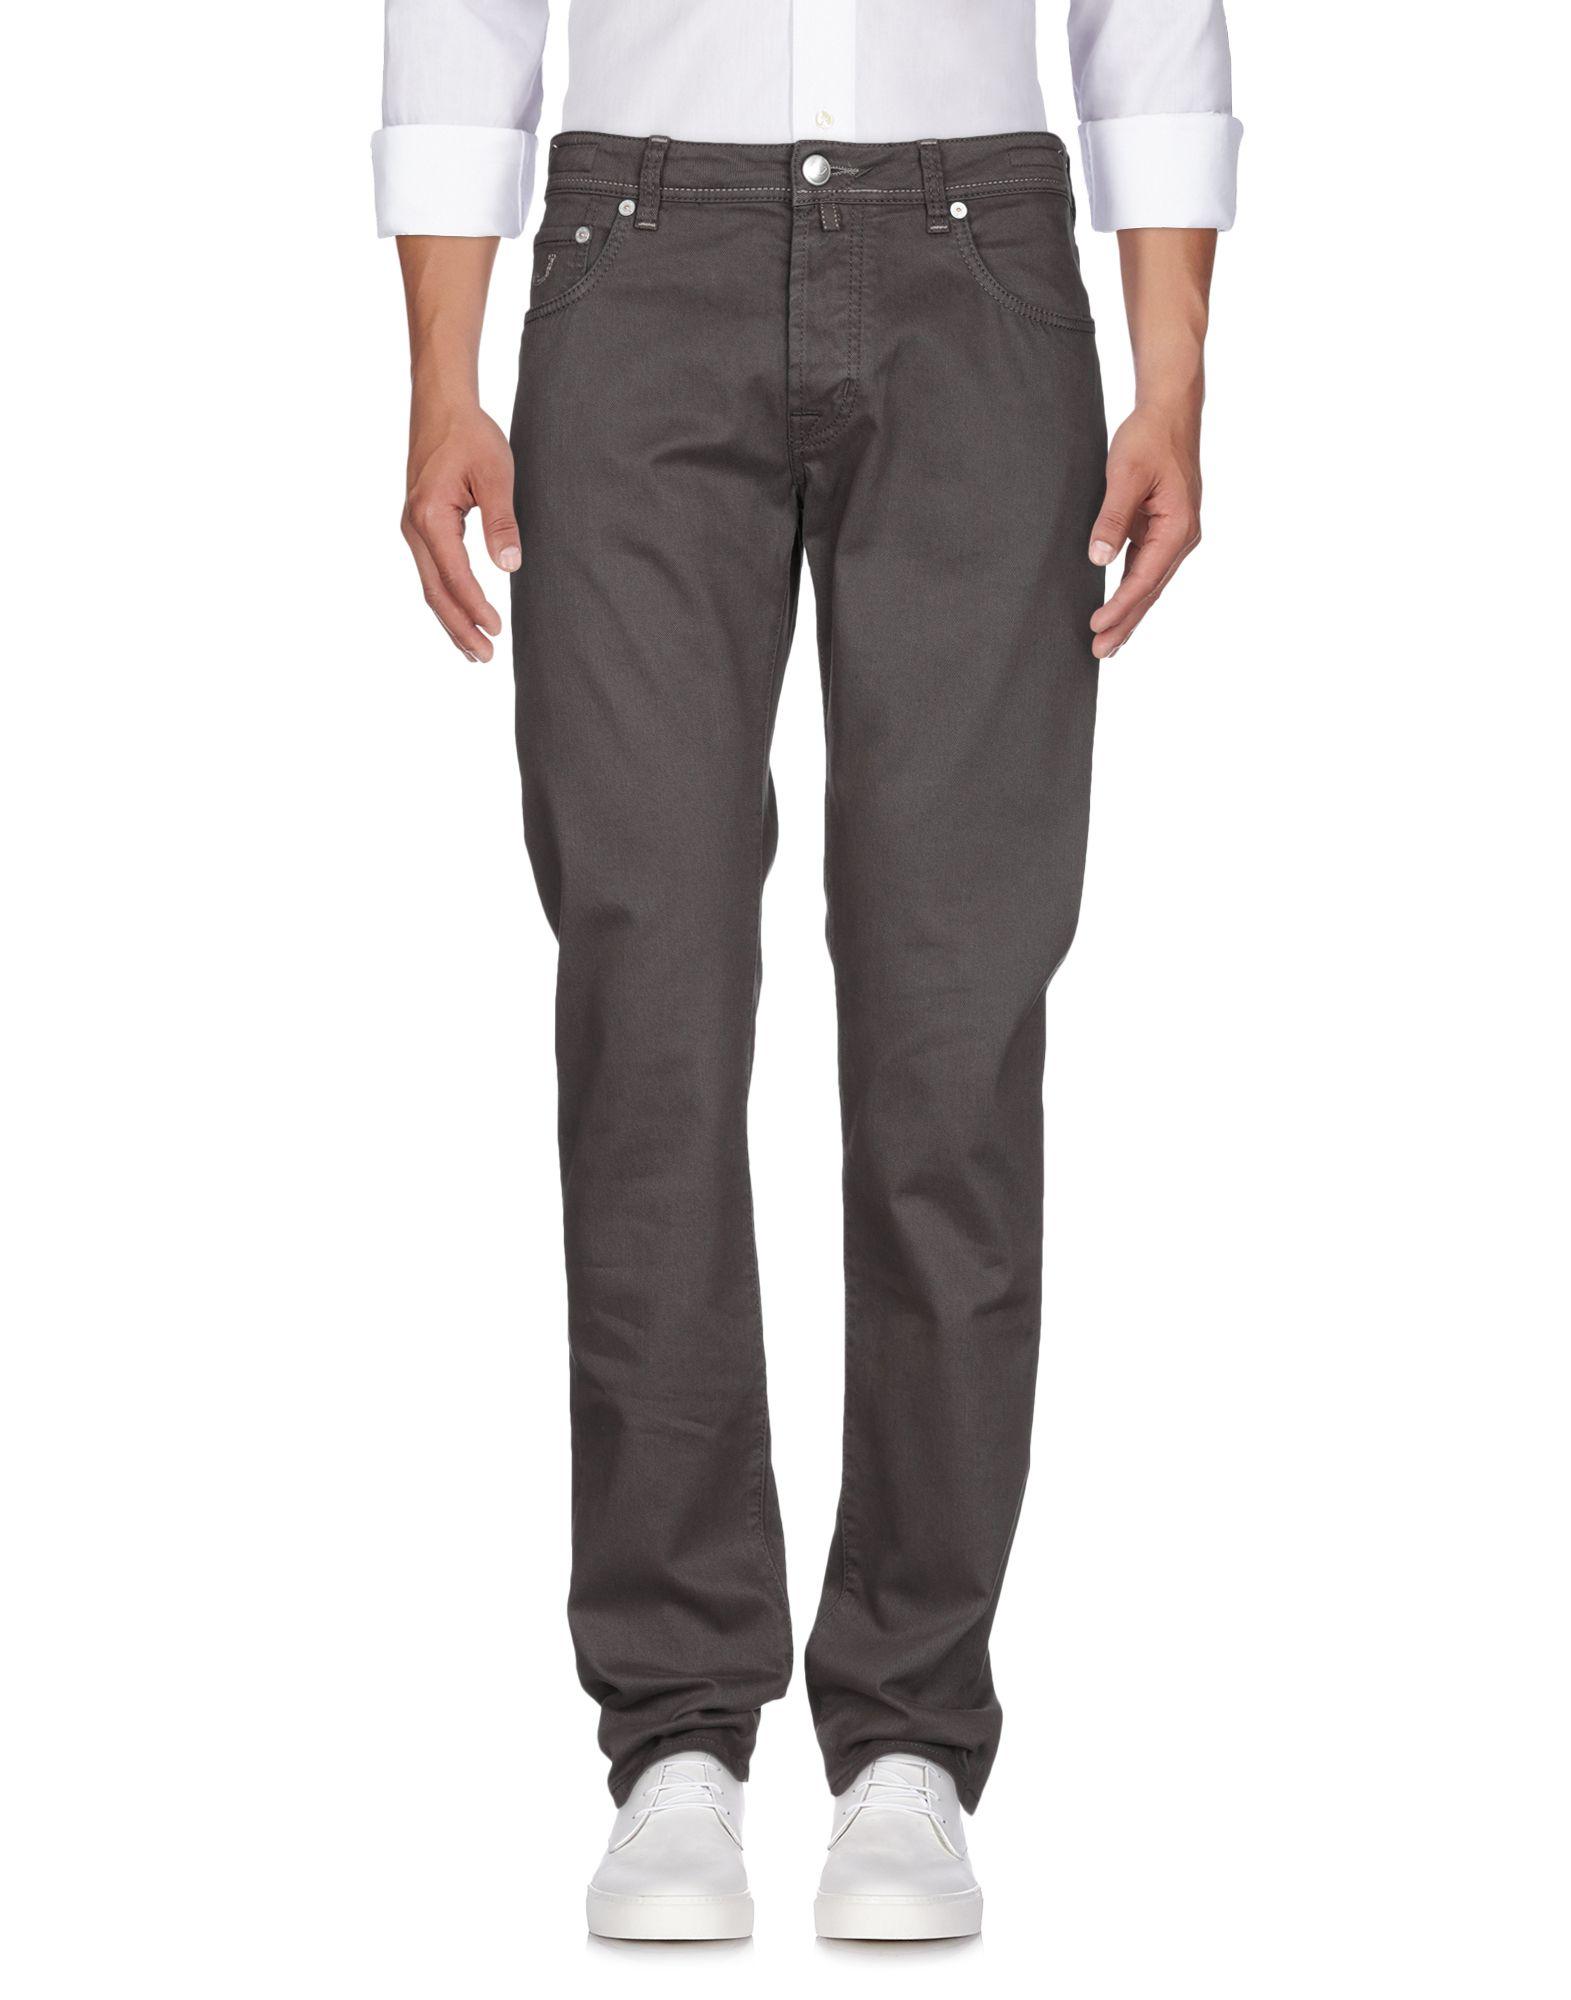 Pantaloni Jeans Jacob Uomo Cohёn Uomo Jacob - 42672960KP 92a629